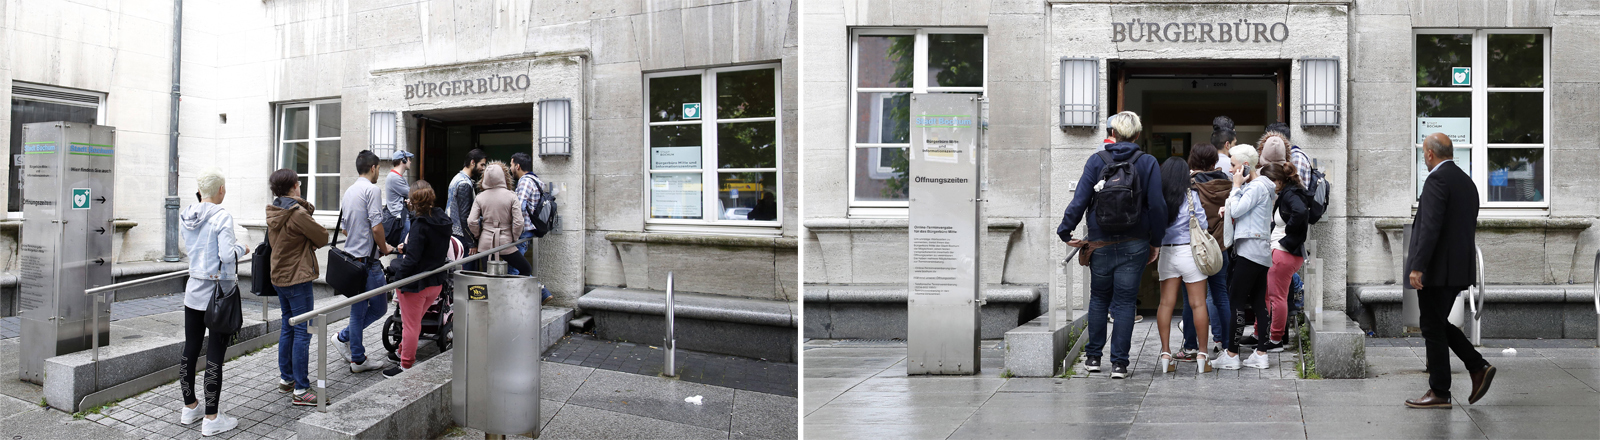 Kunden vor dem Bürgerbüro am Bochumer Rathaus im Jahr 2016